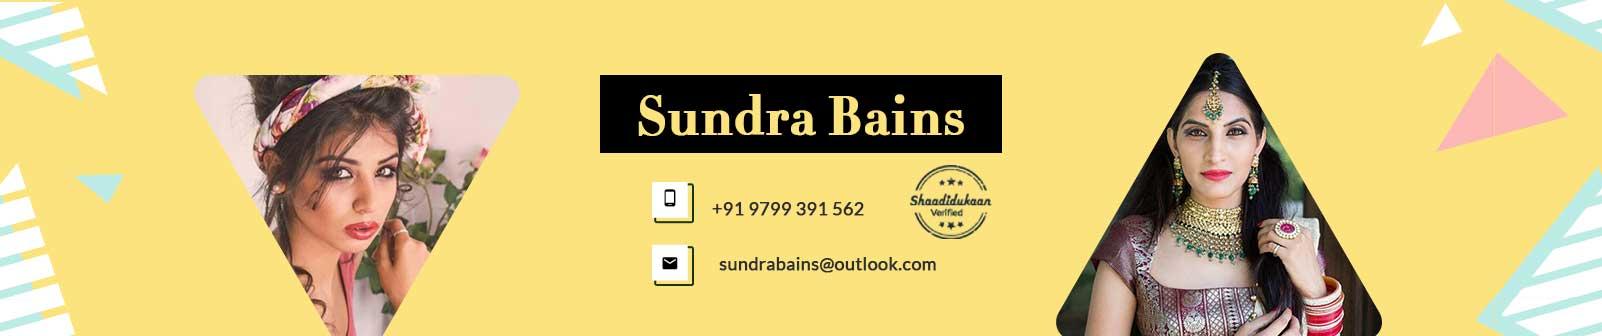 Sundra Bains